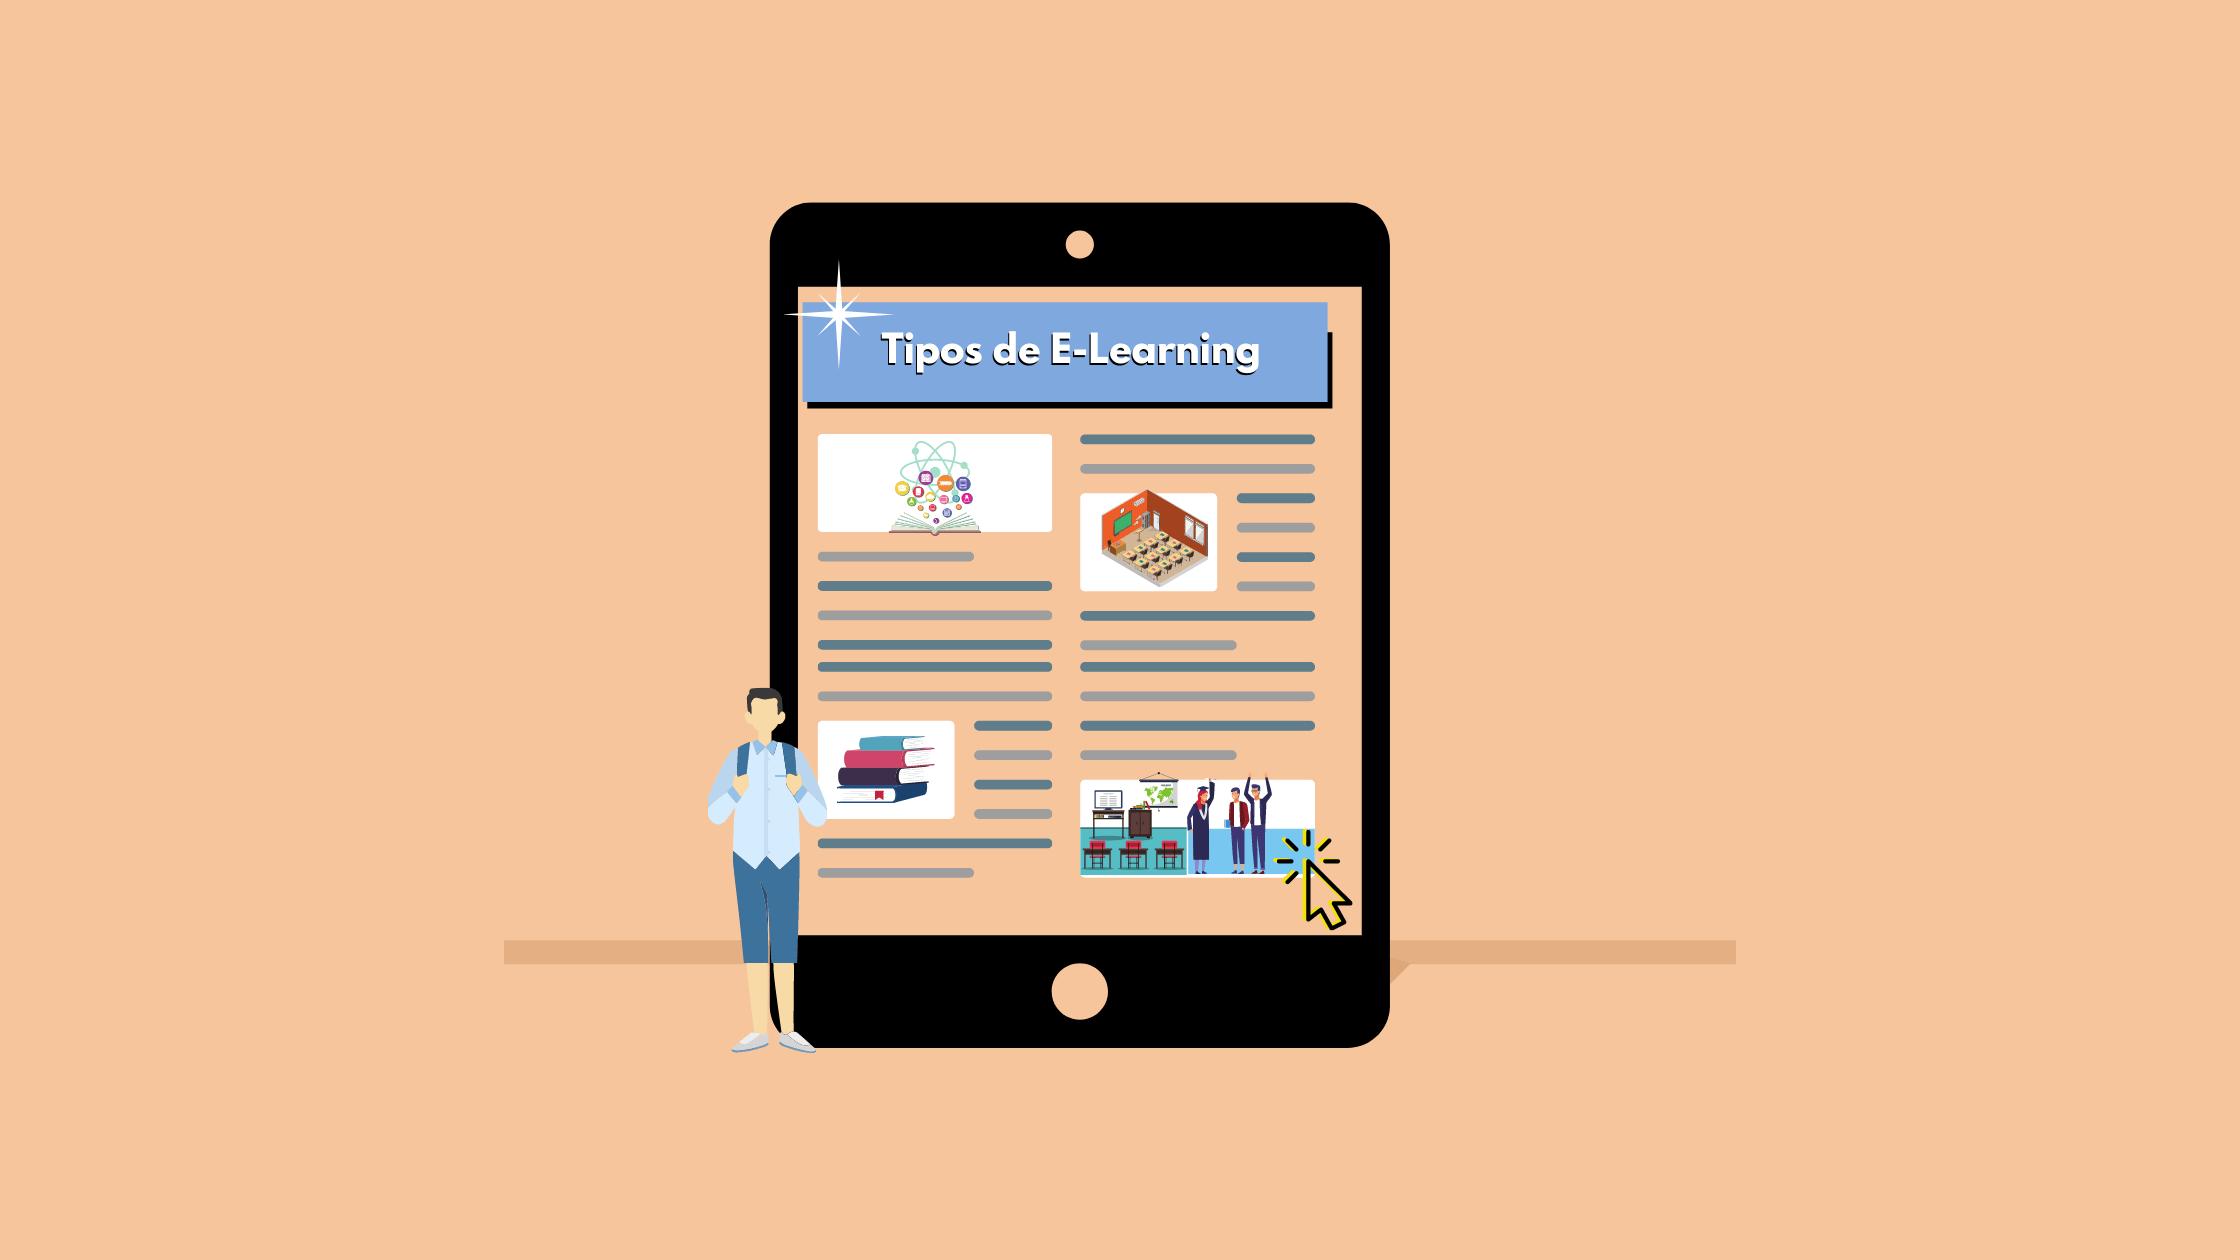 Tipos de e-learning